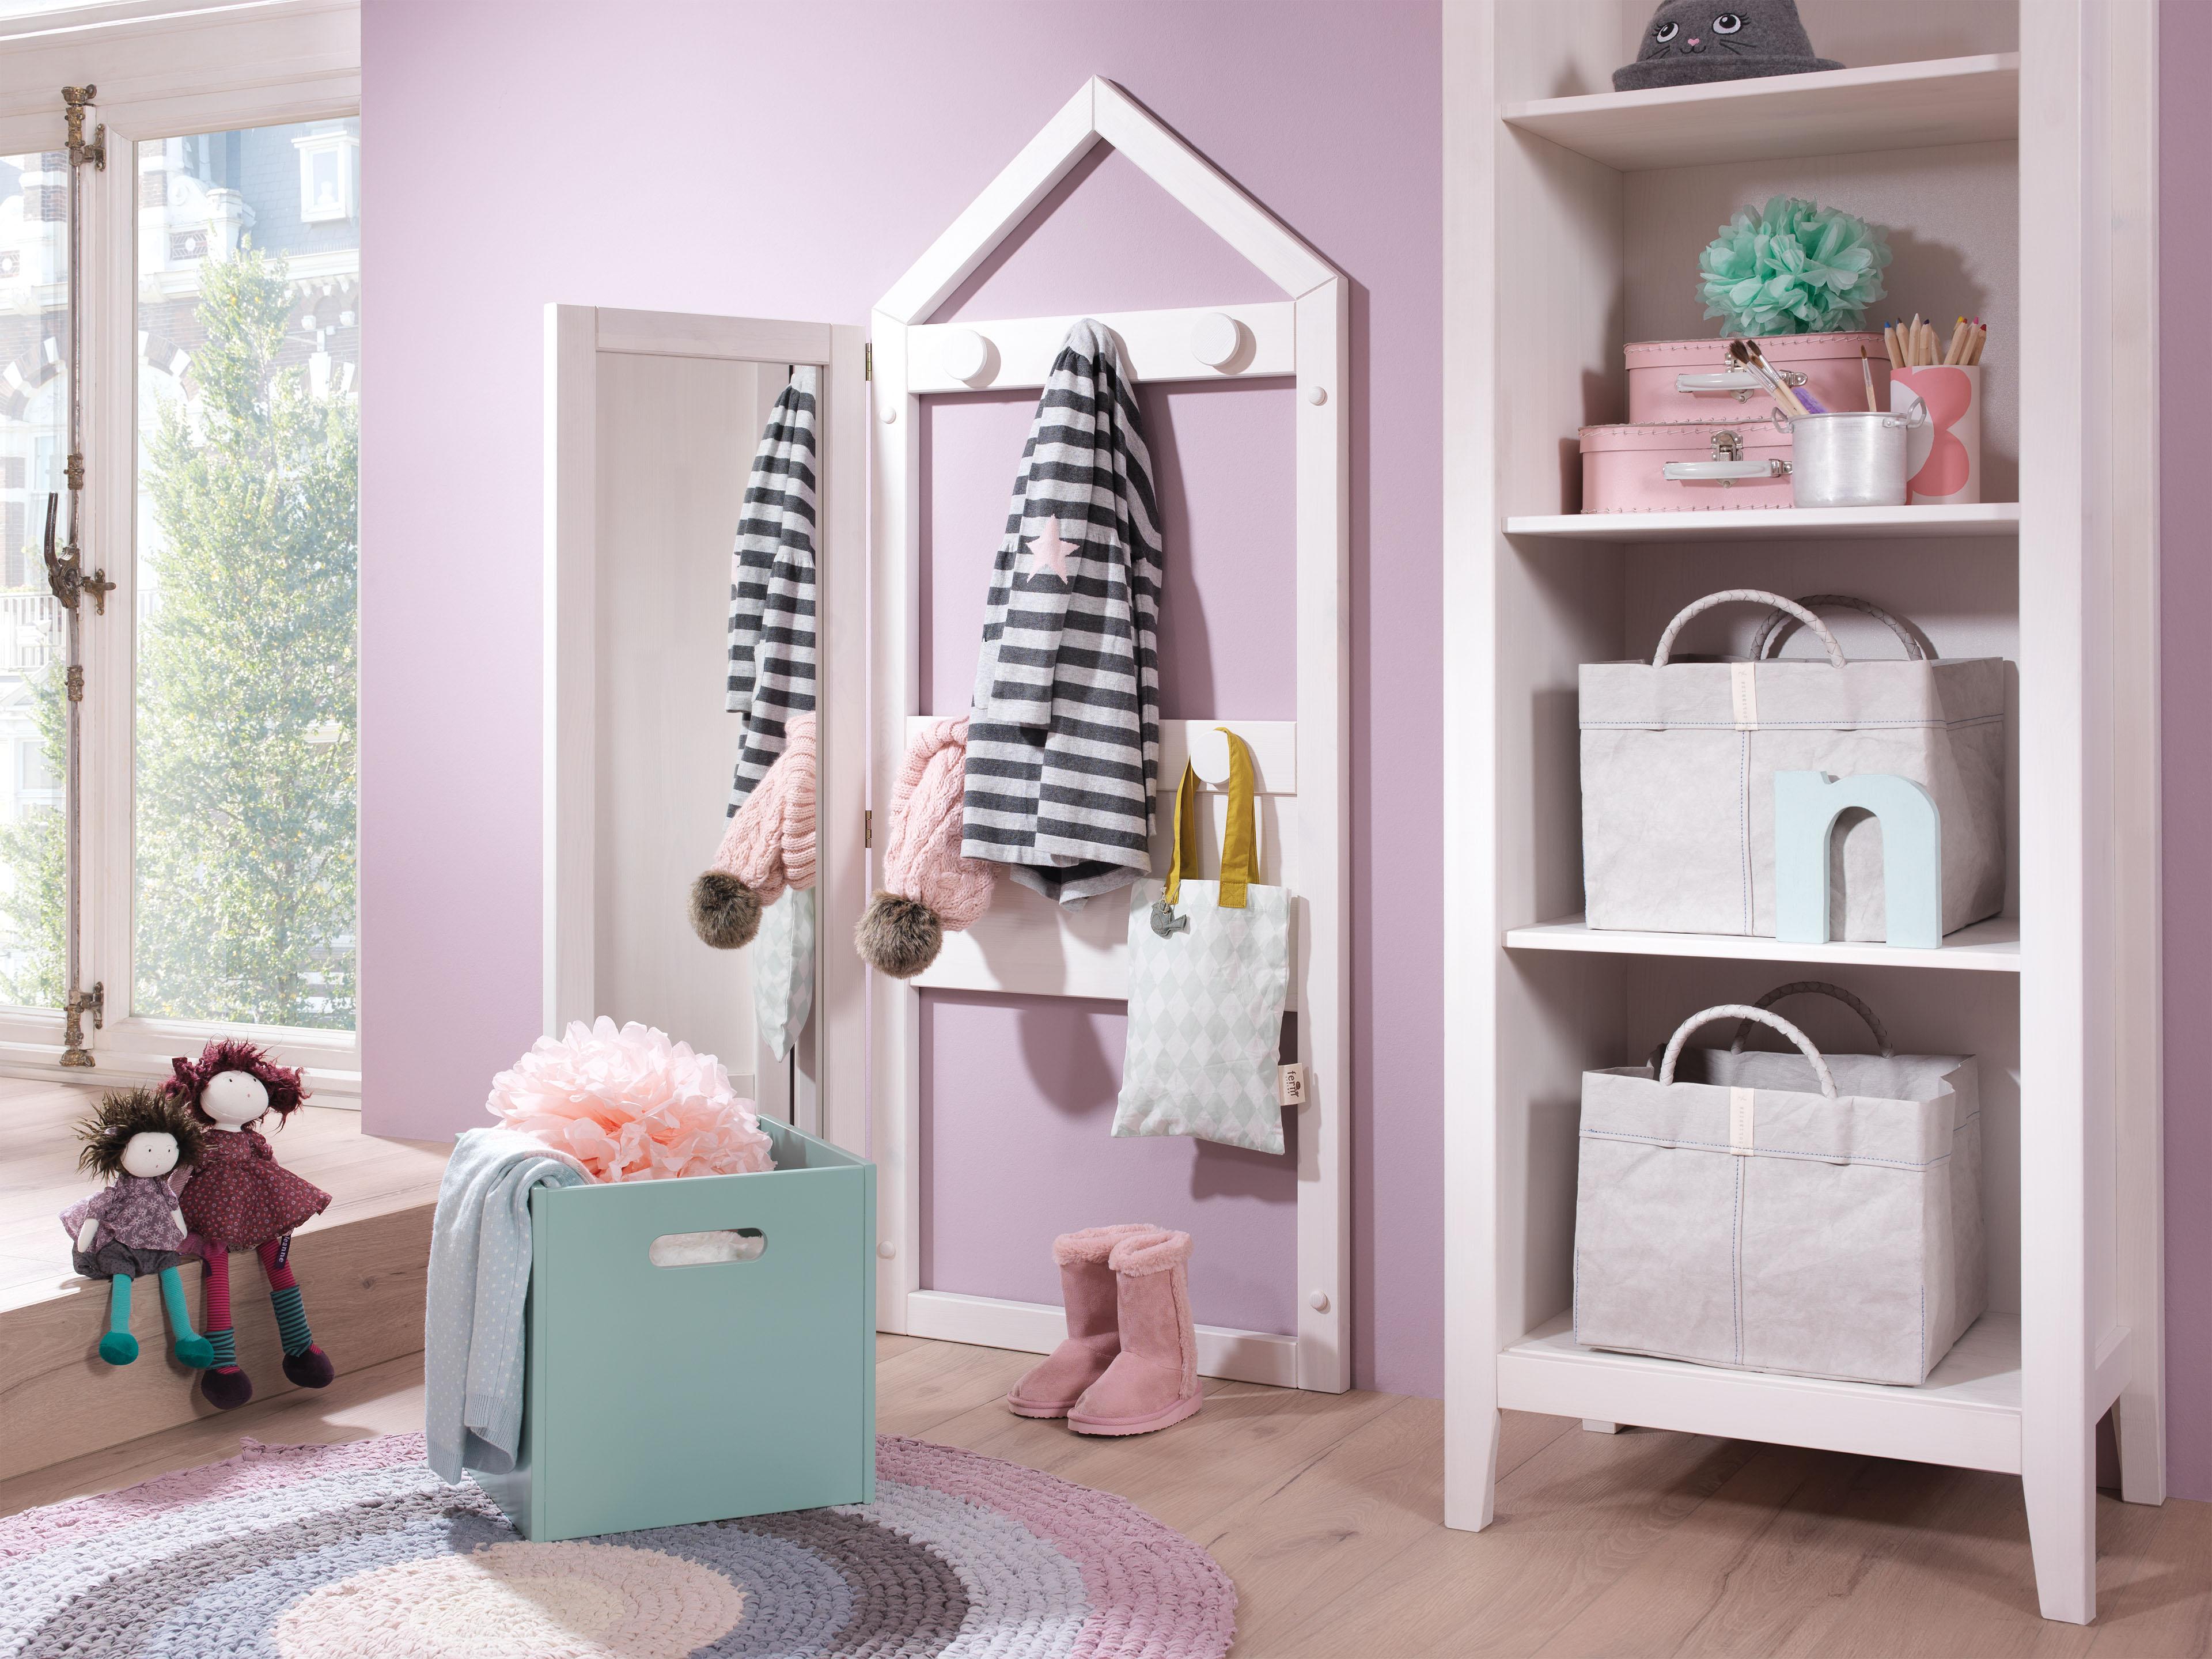 grose grillflache wellembel lumiokids massiv wei mbel letz ihr bilder von lillifee bett. Black Bedroom Furniture Sets. Home Design Ideas